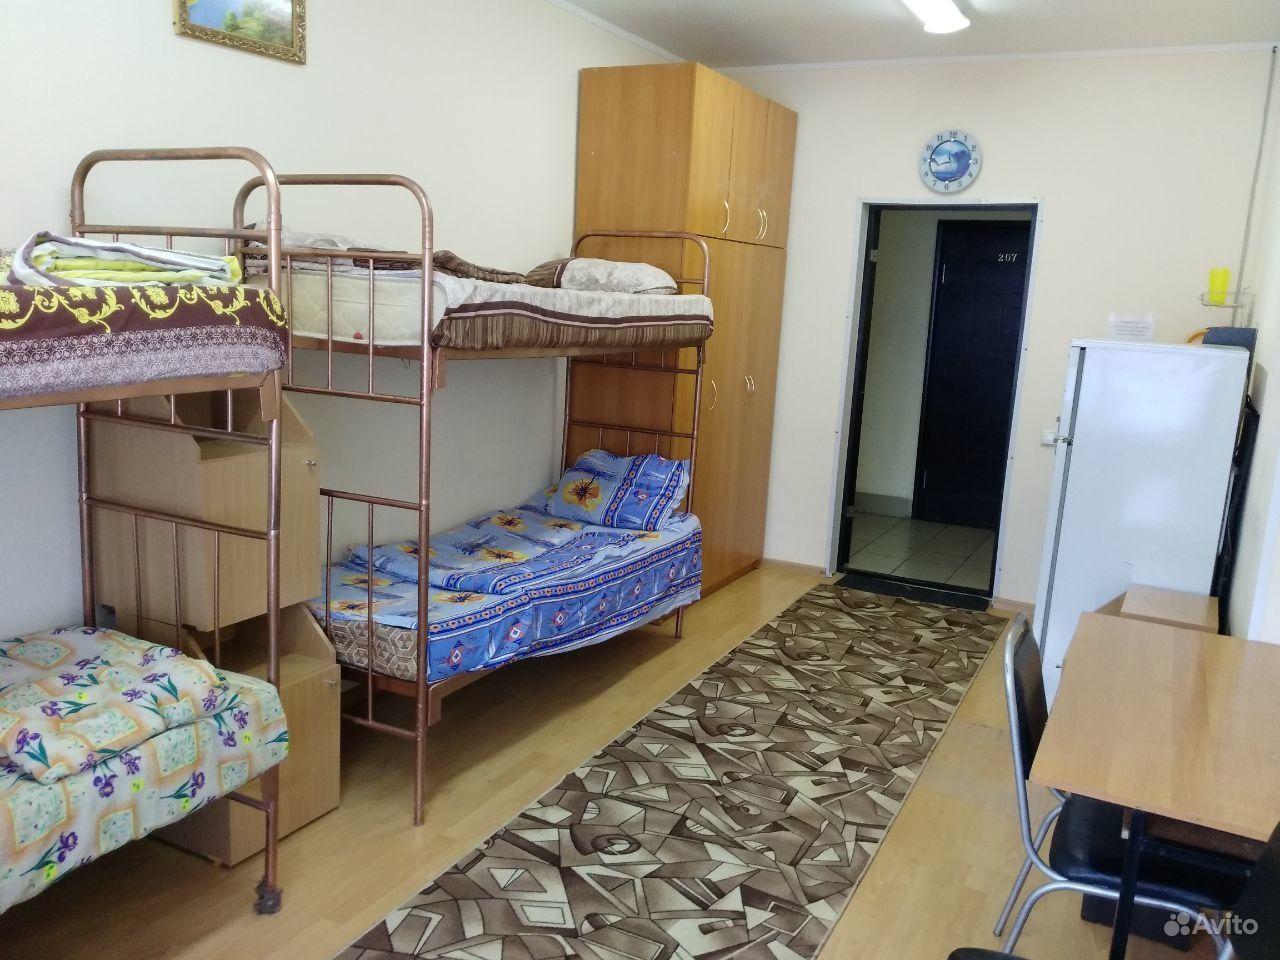 Секс студентов в общежитии, Русское порно в общаге - секс студентов в общежитии 12 фотография